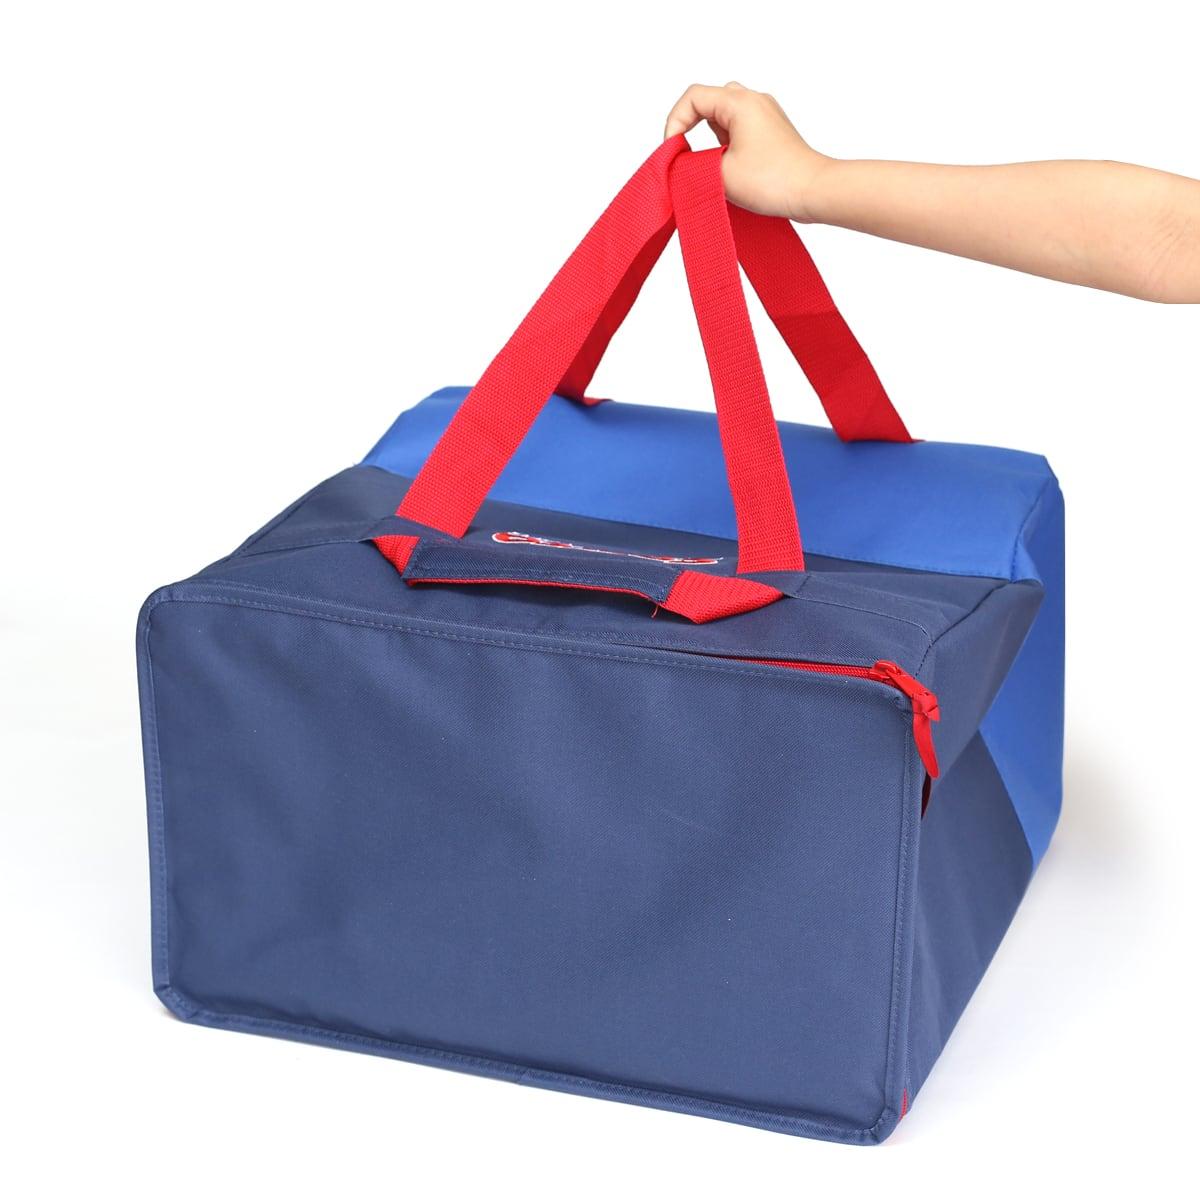 コストコオリジナルクーラーバッグ(BLUE)2パック Sサイズ(横に持った様子)